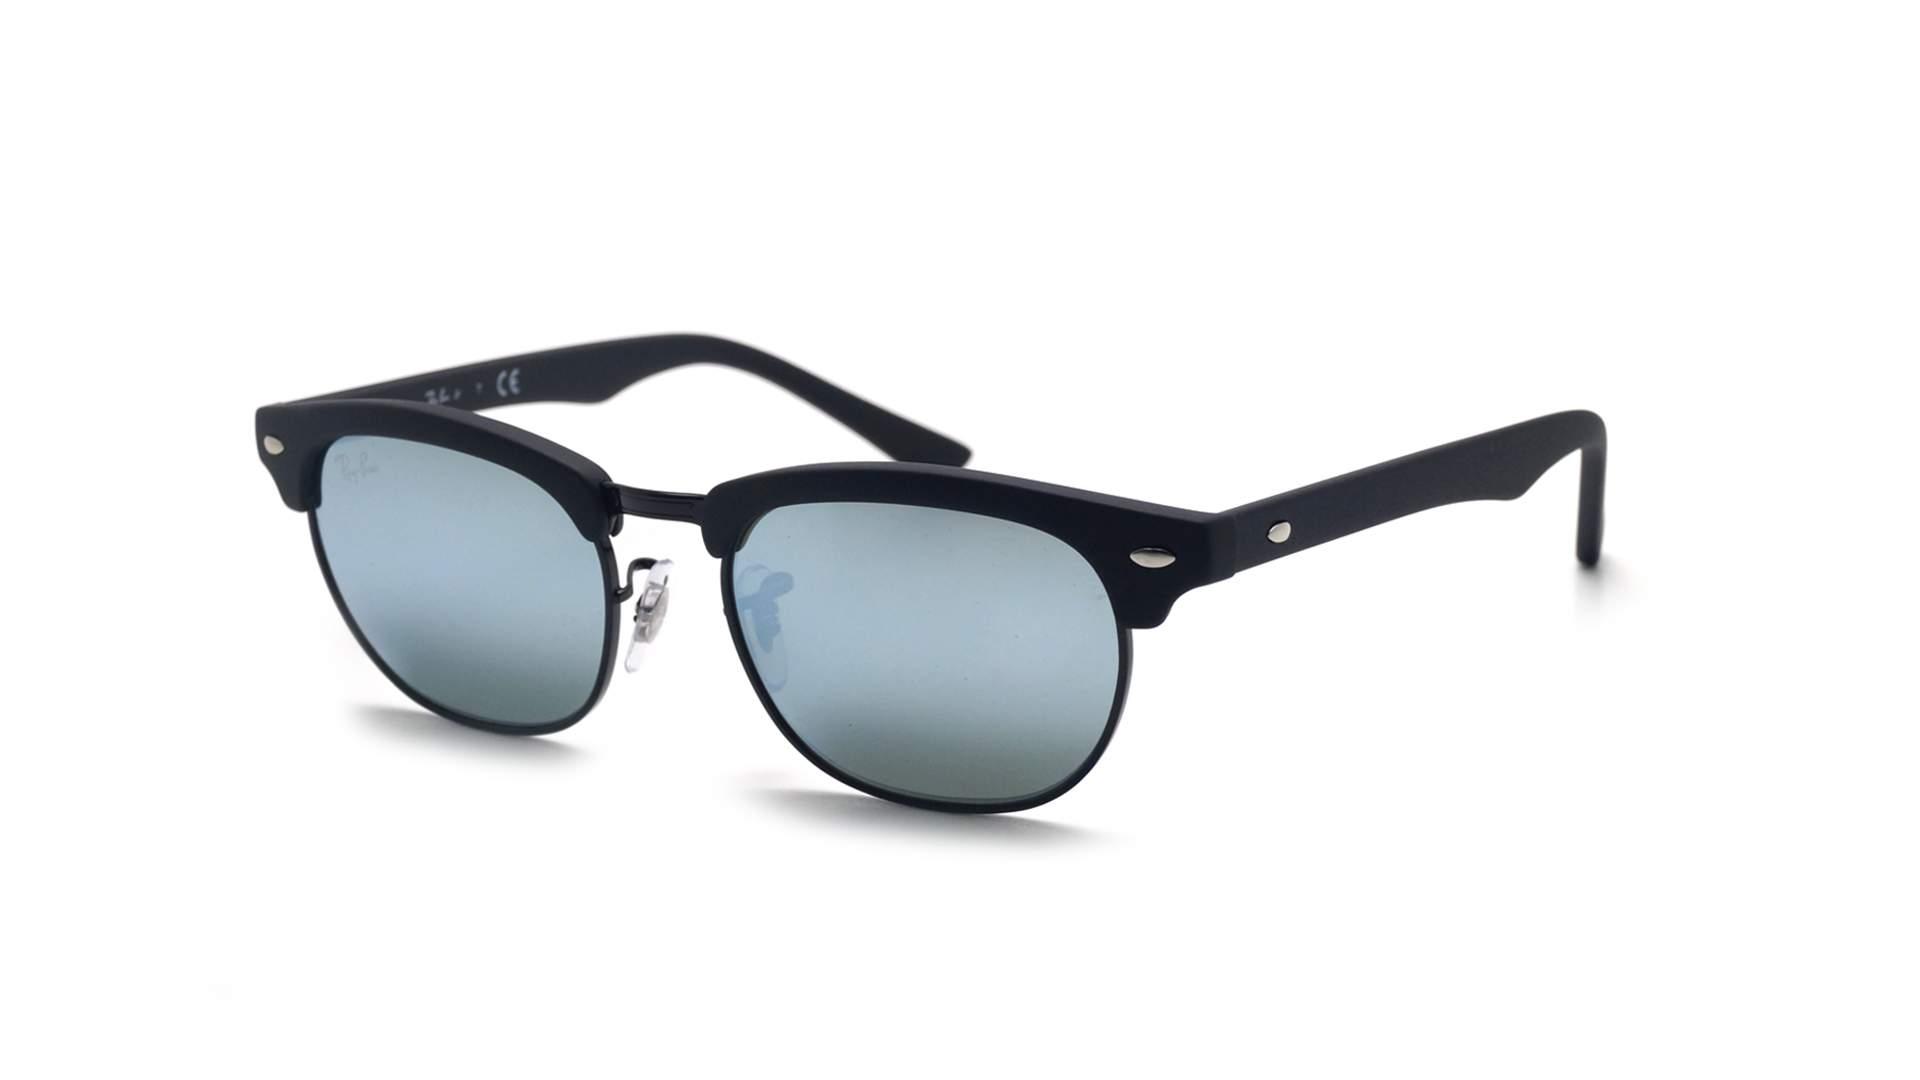 Lunettes de soleil Ray-Ban Clubmaster Noir Mat RJ9050S 100S 30 47-16 Junior  Enfant Miroirs f0854749564d